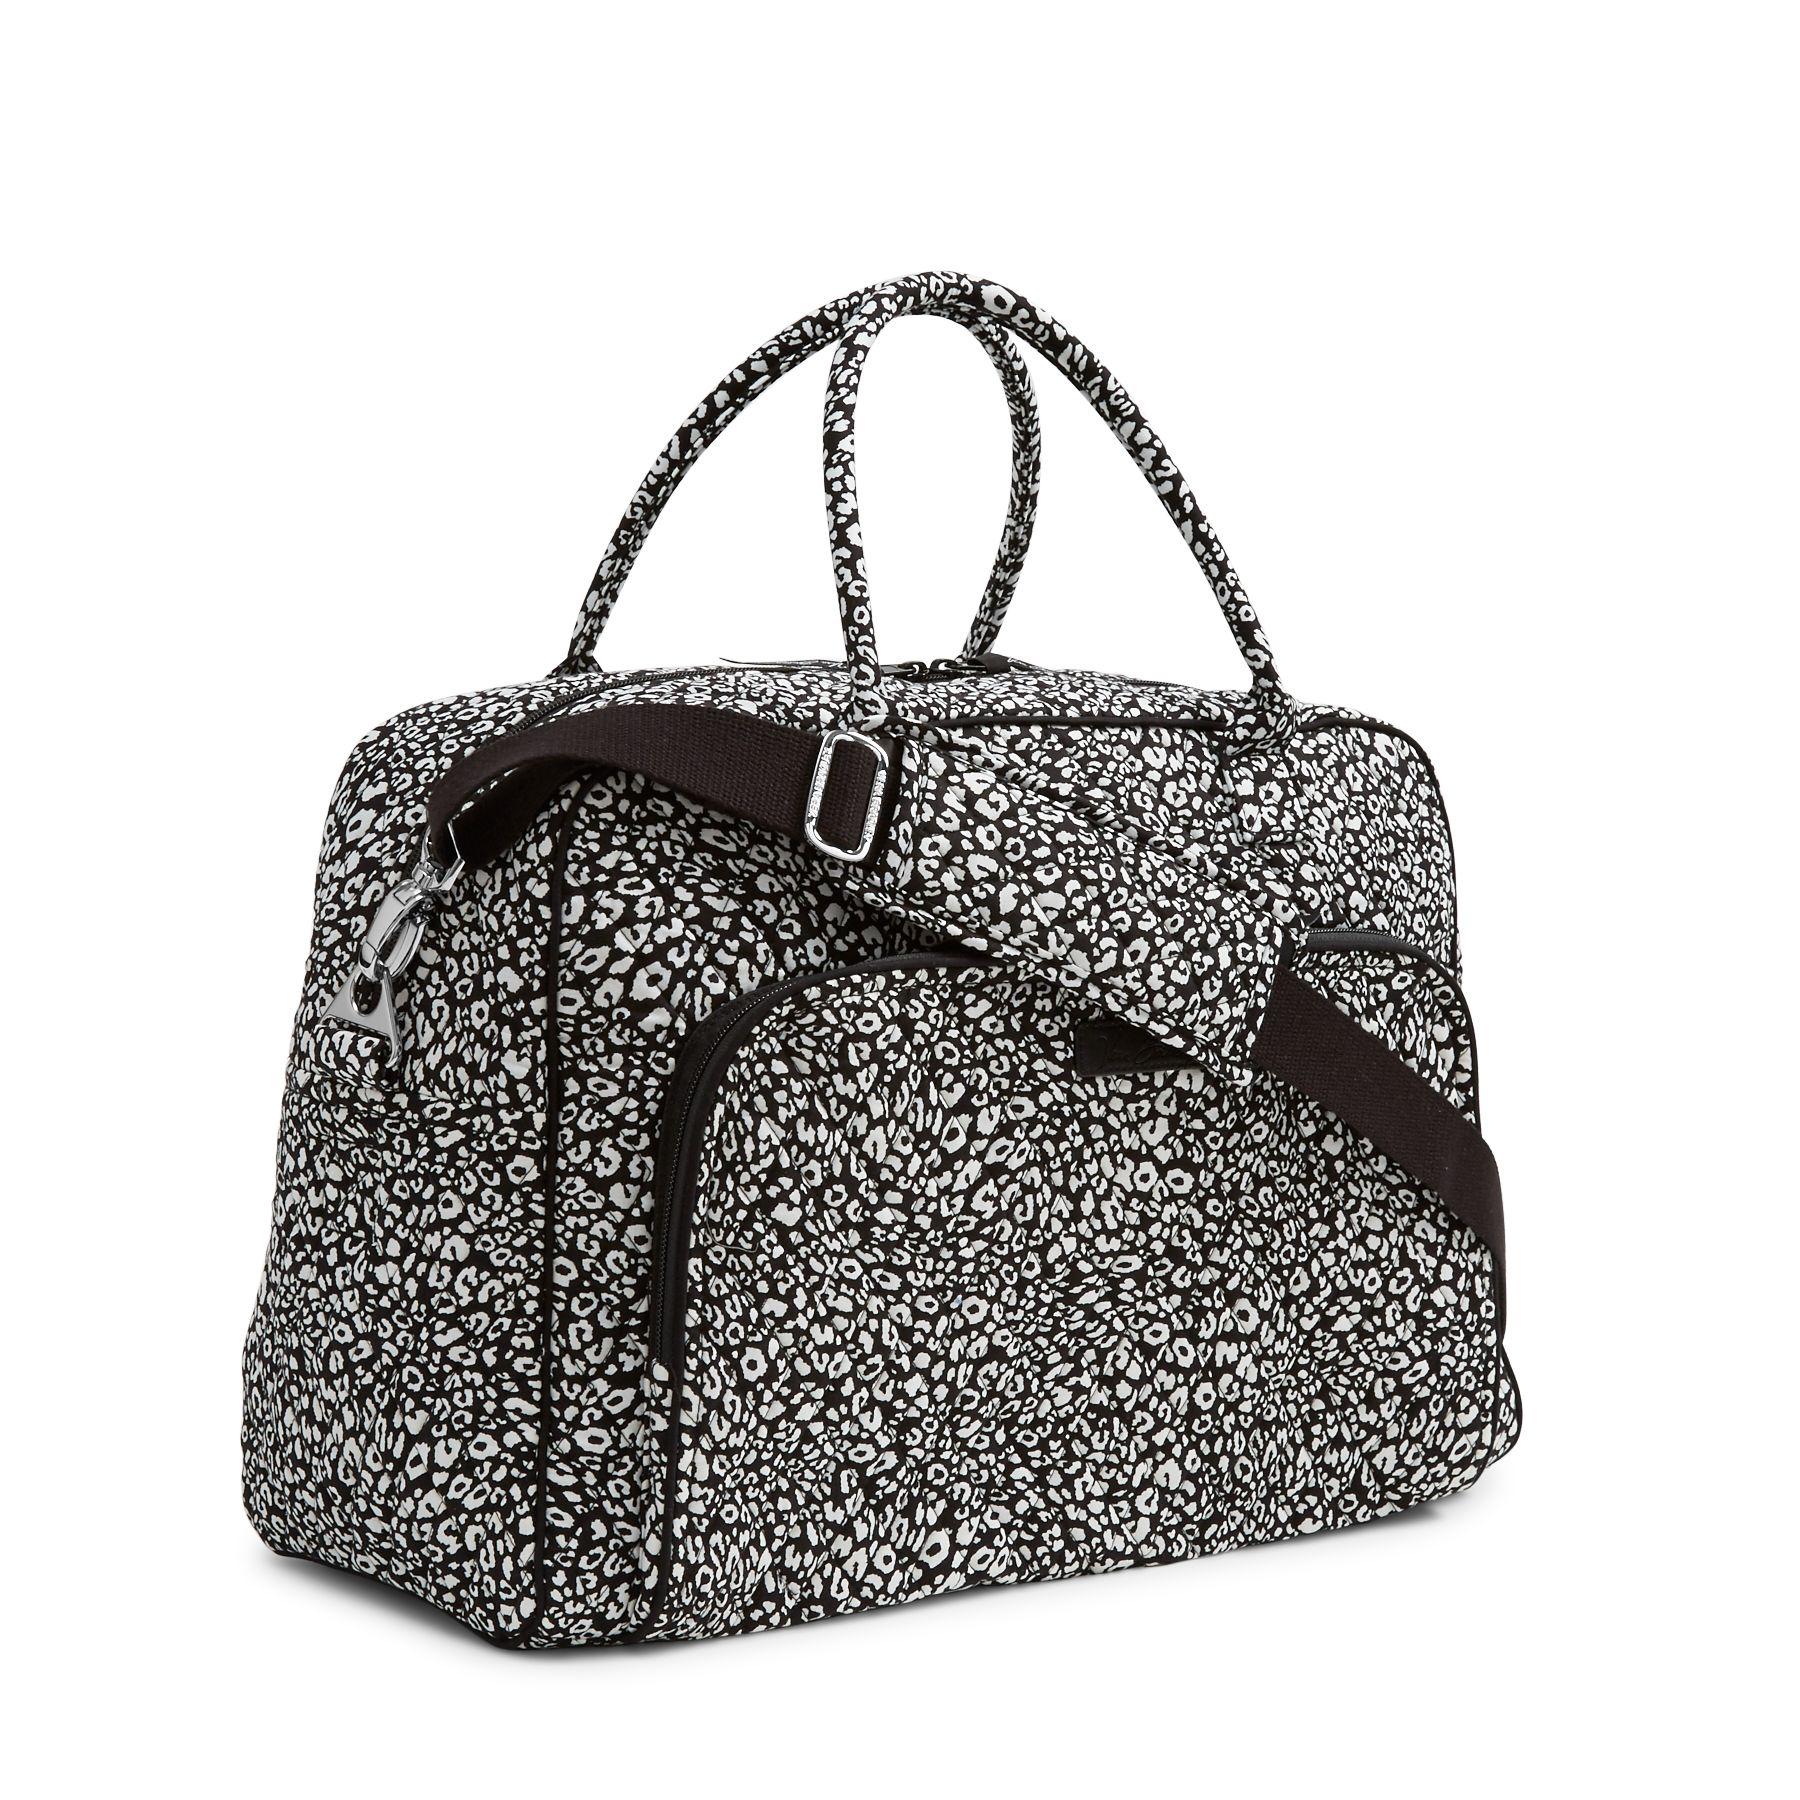 Vera Bradley Weekender Duffel Travel Bag | eBay